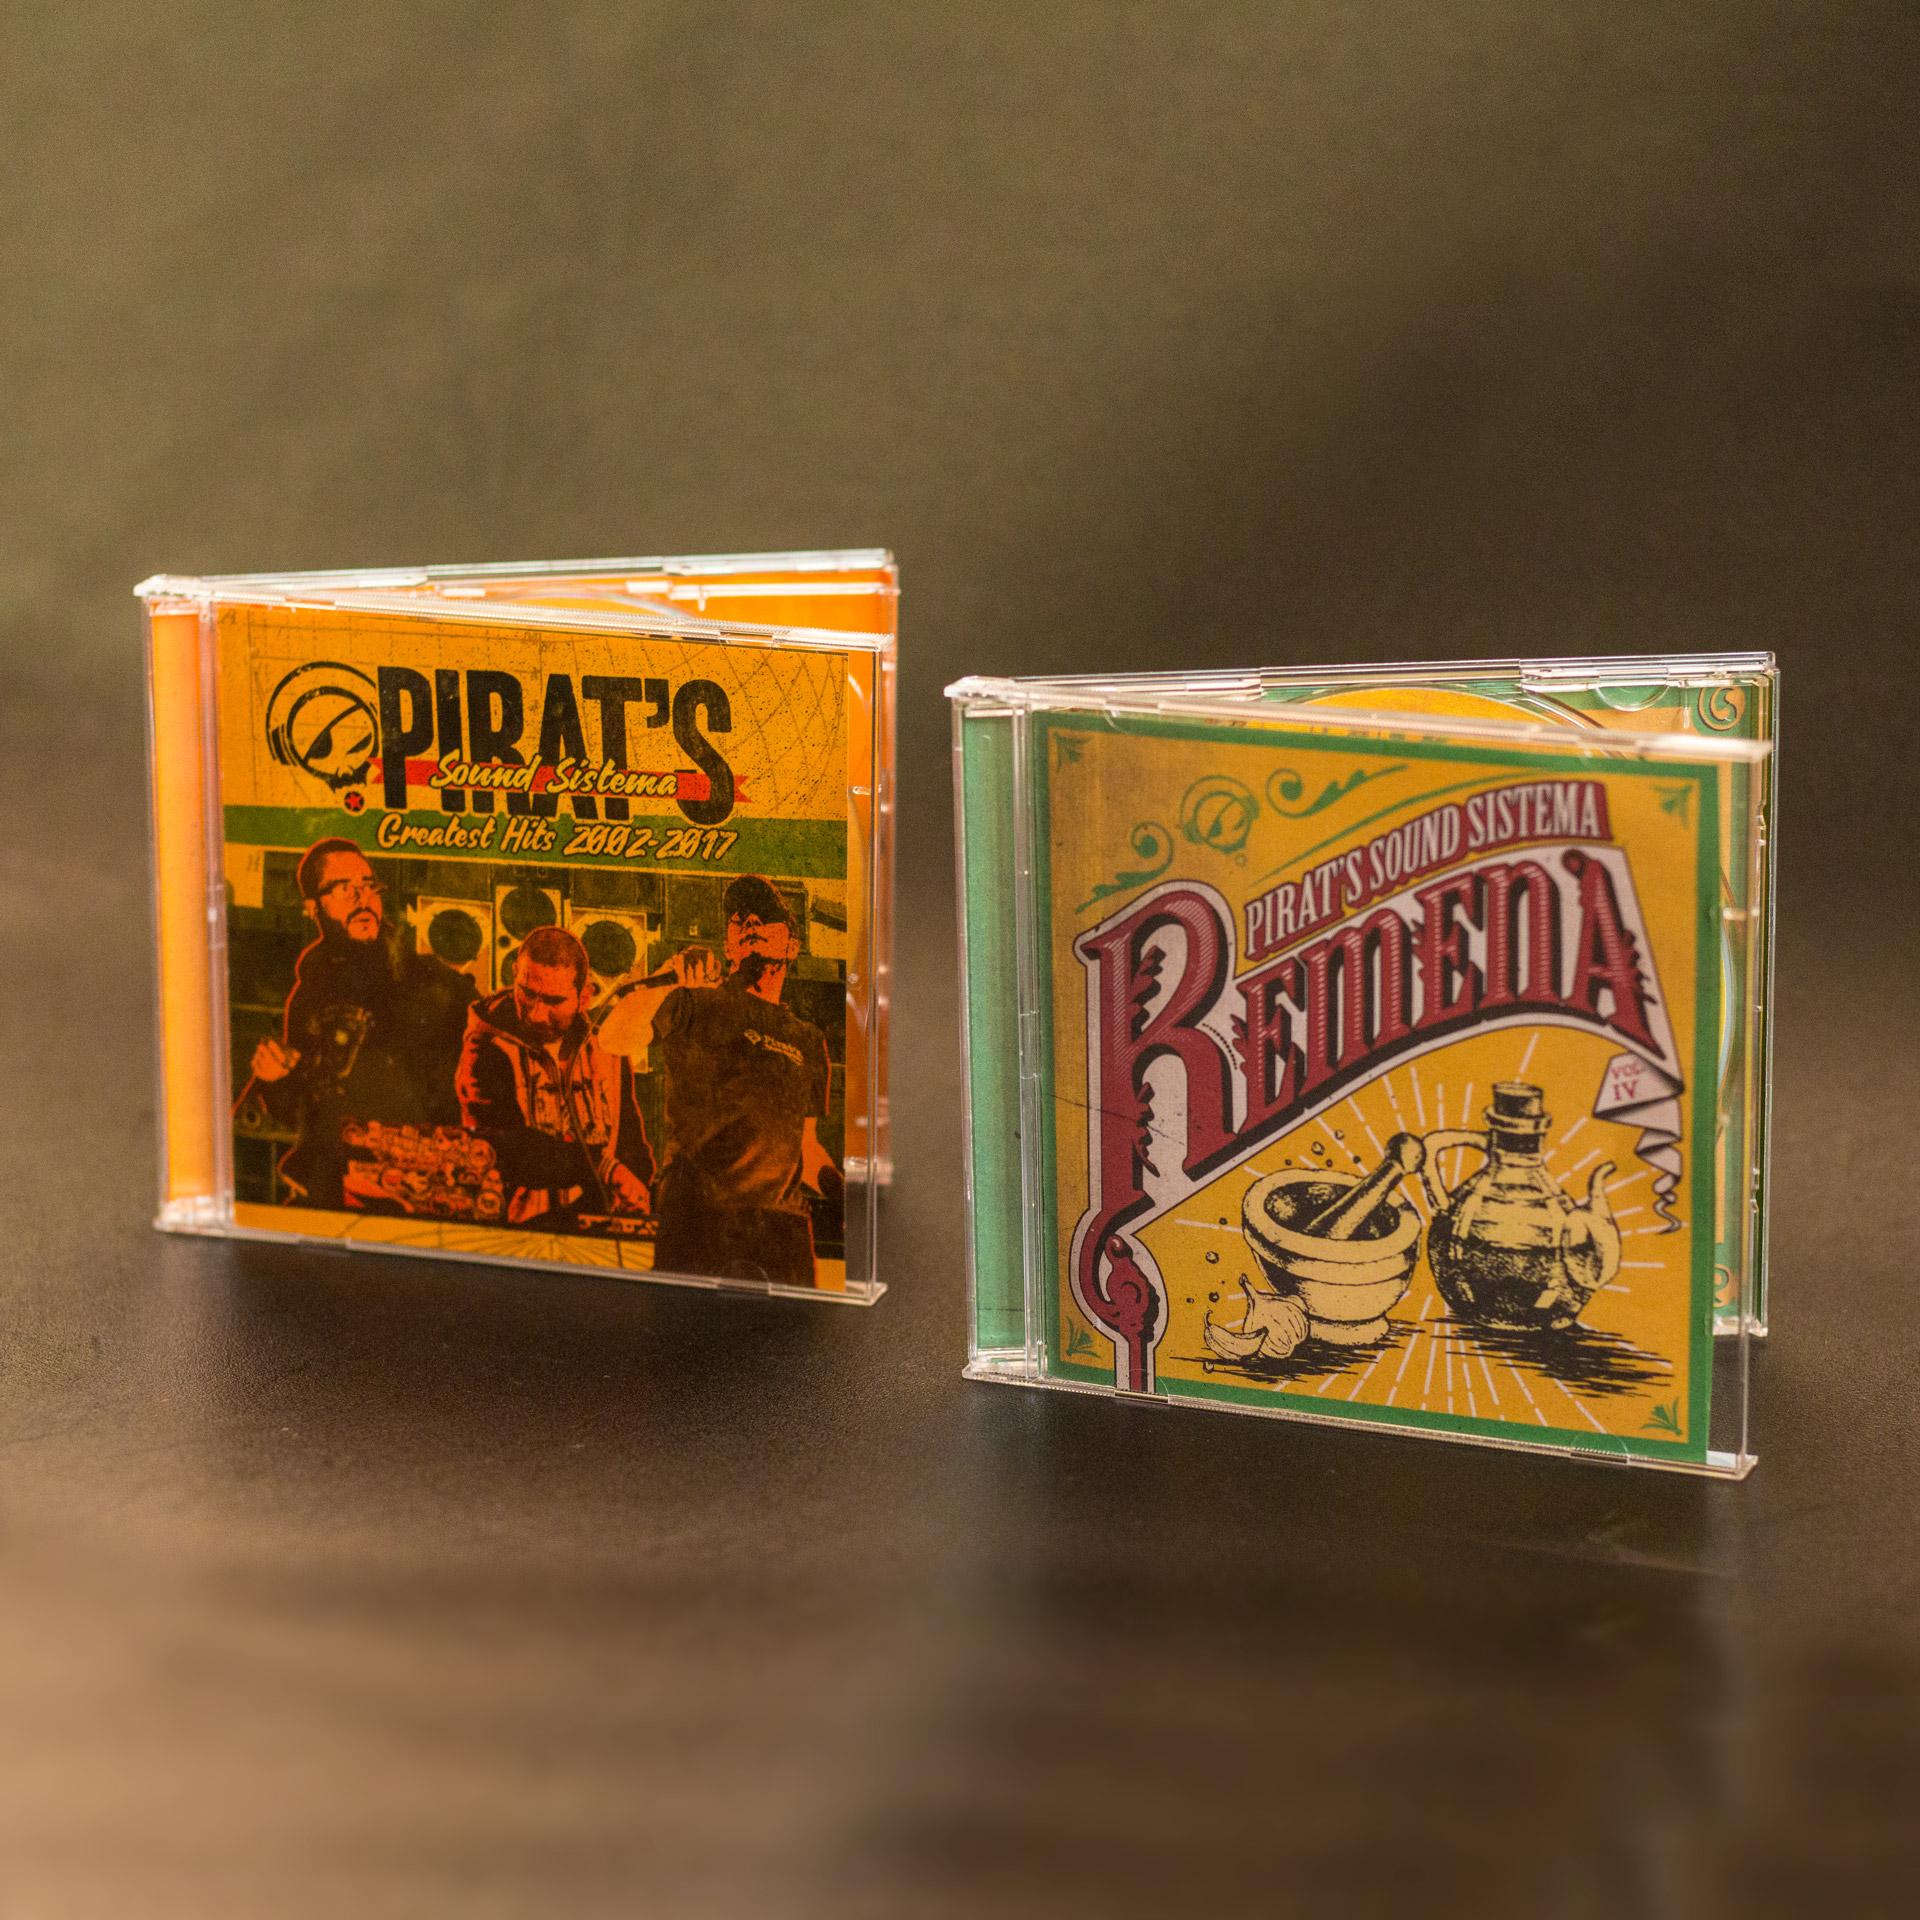 Pirat S Sound Sistema Ens Ofereixen Avui Poemes I Cançons Nou Avançament Del Disc Remena Amb La Col Laboració De Tremenda Jauría